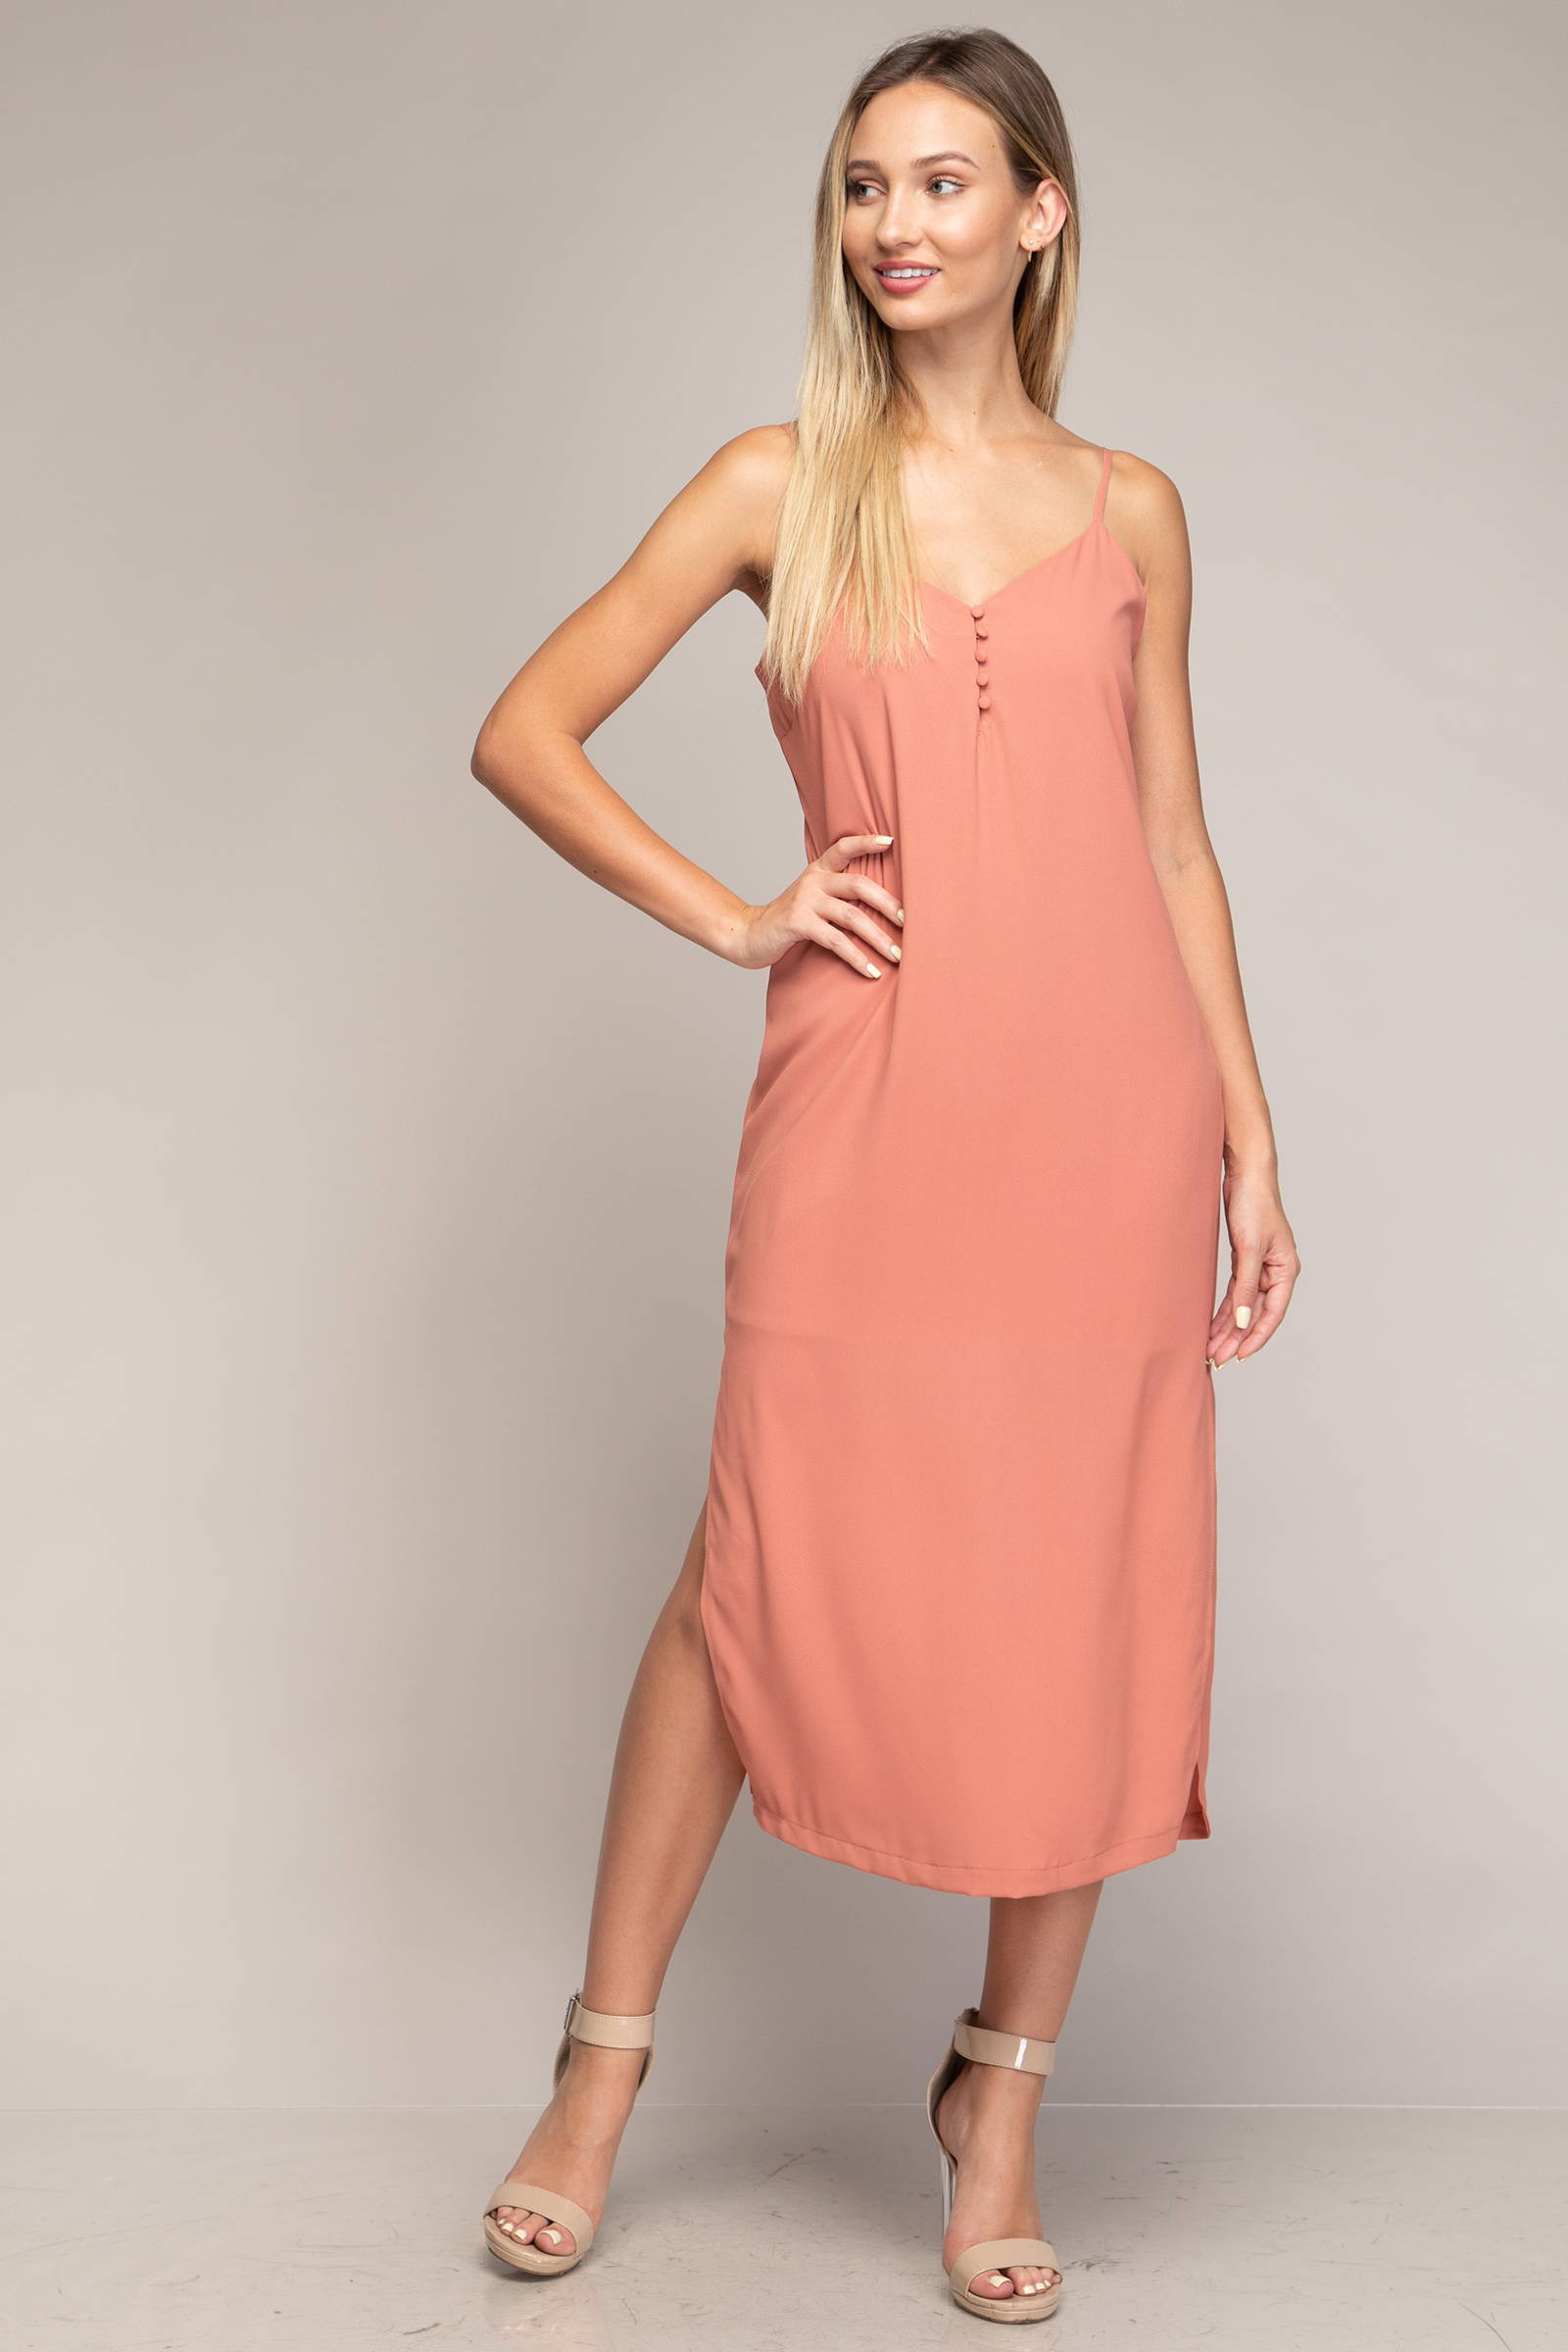 Model in Channel Dress